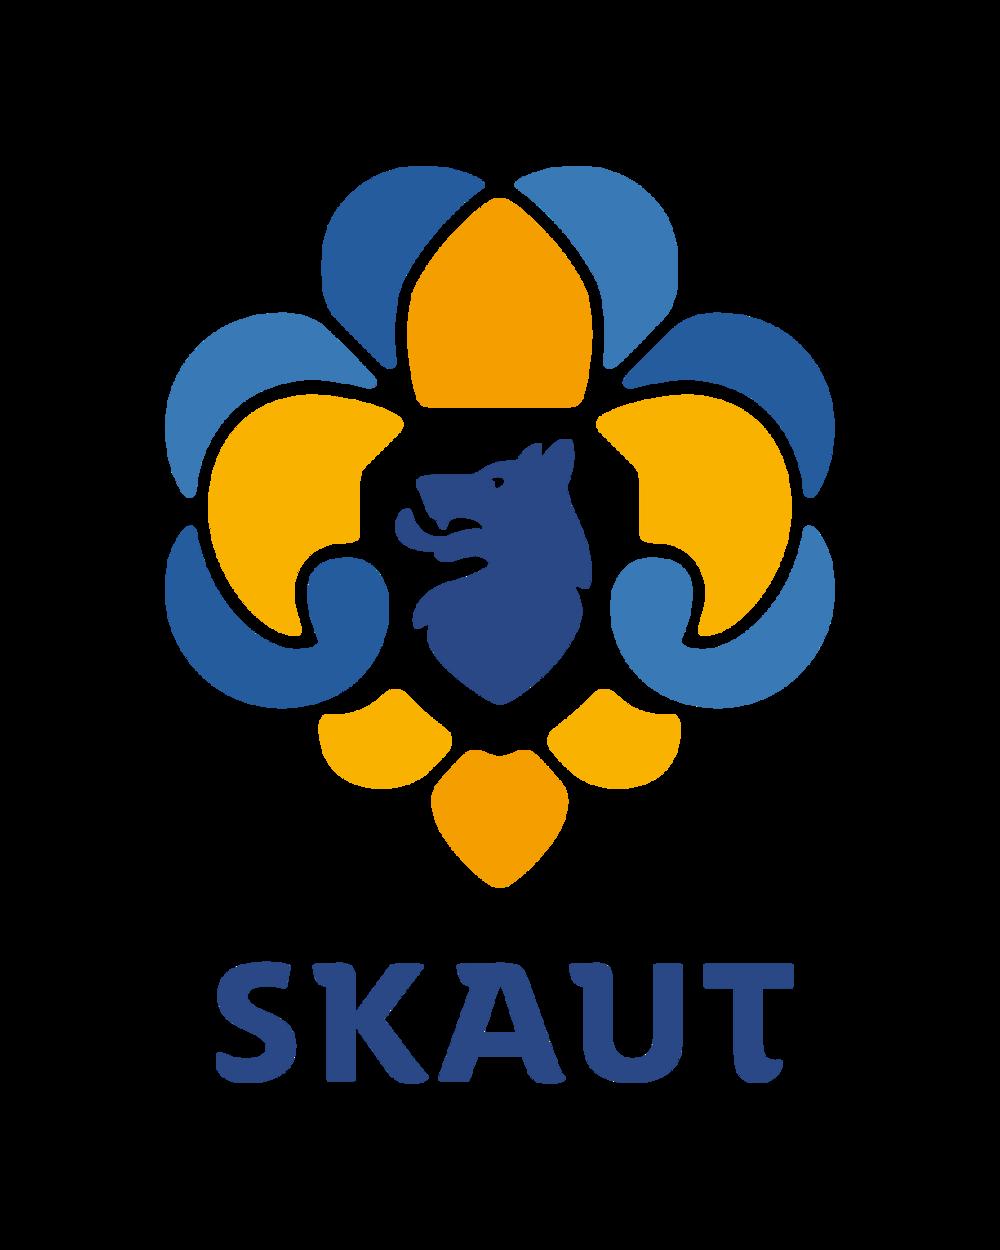 skaut_logo.png